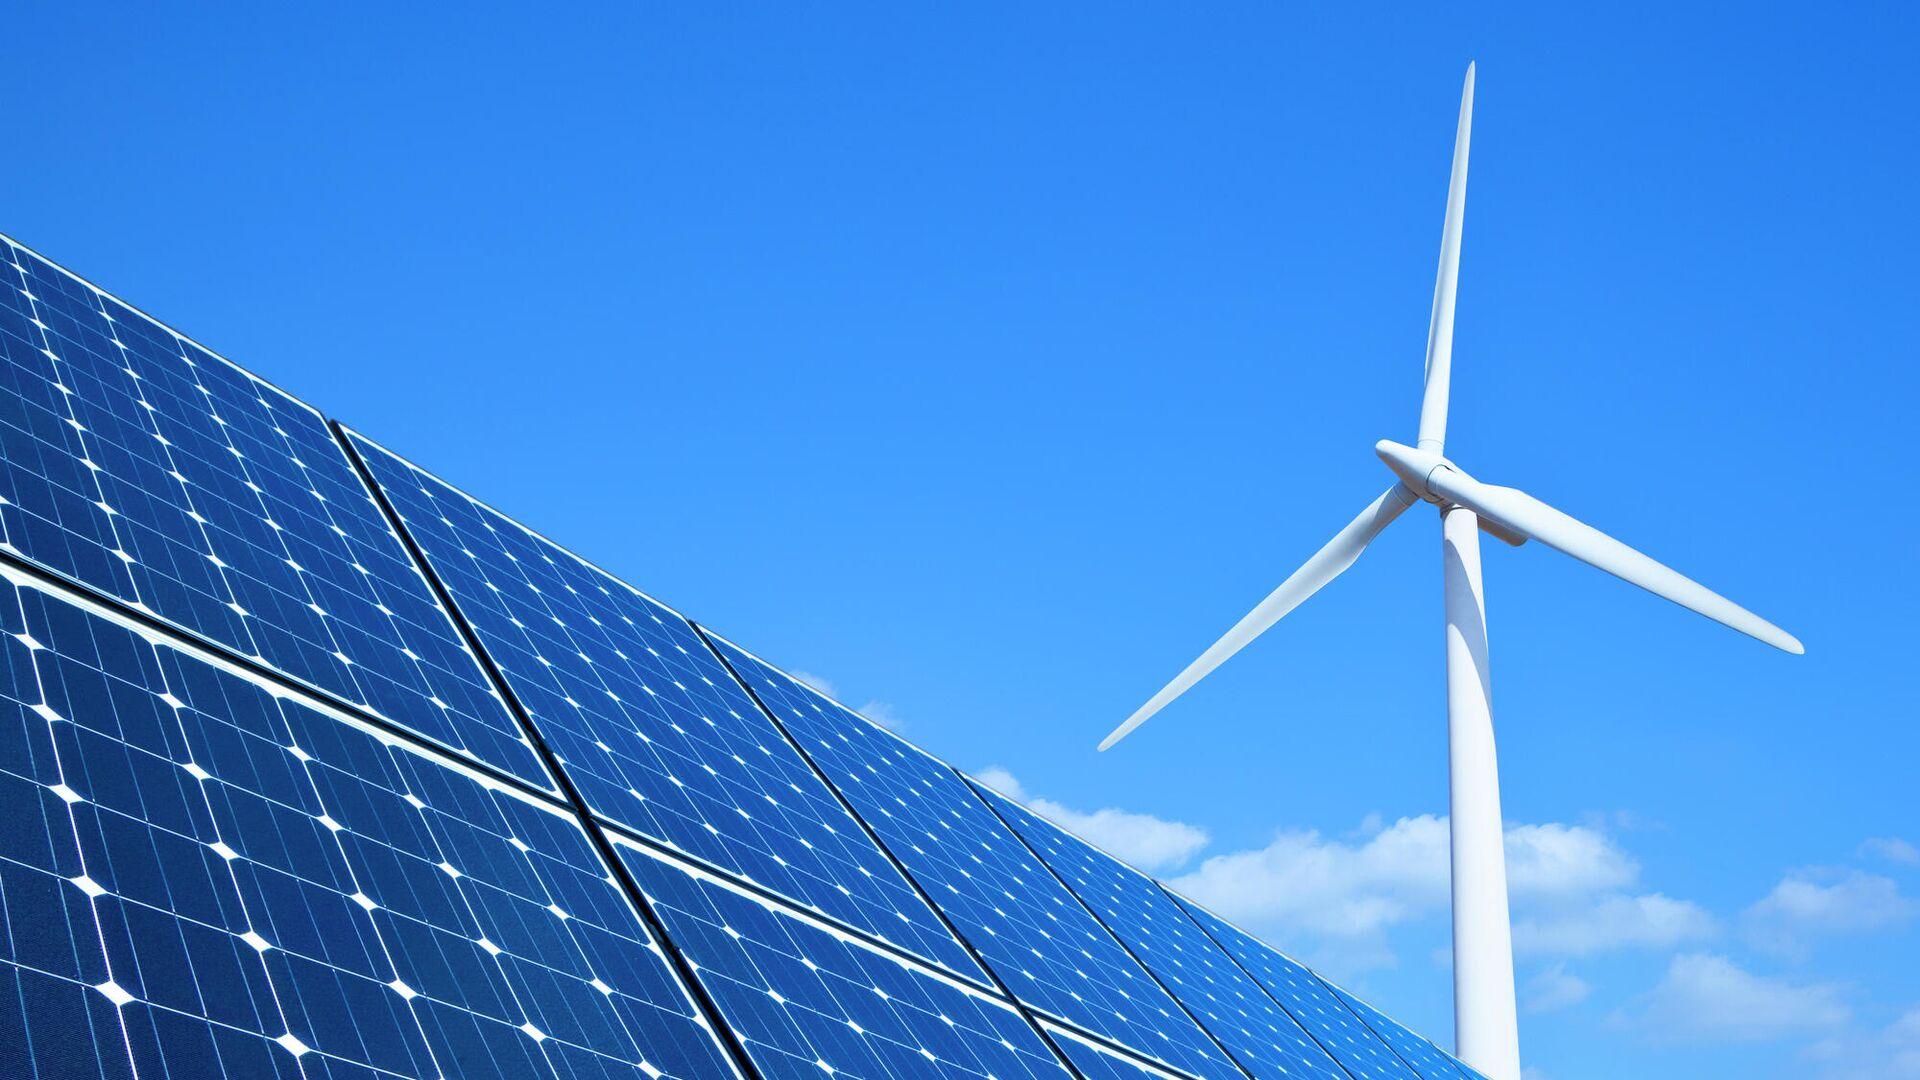 В Москве обсудят перспективы развития зеленой энергетики в Арктике - РИА Новости, 1920, 13.10.2021